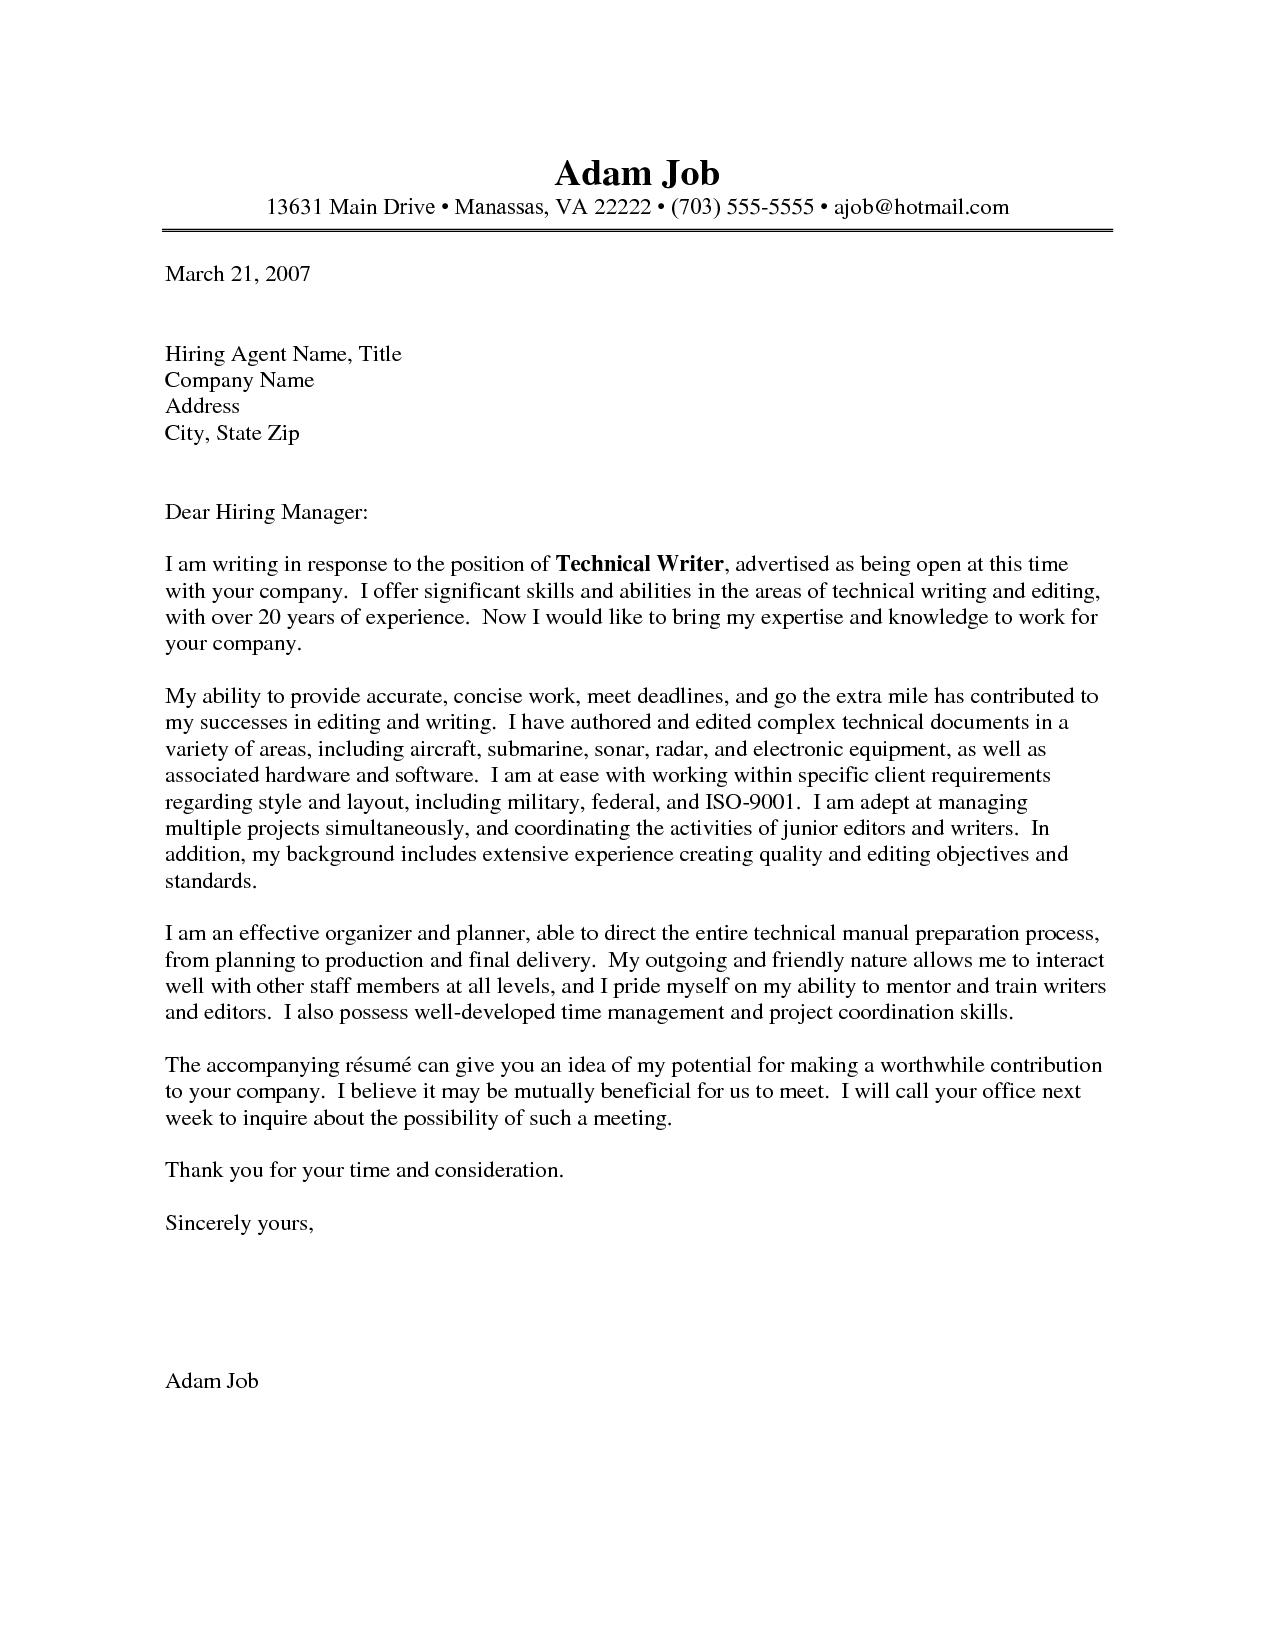 write cover letter sample letter format 2017